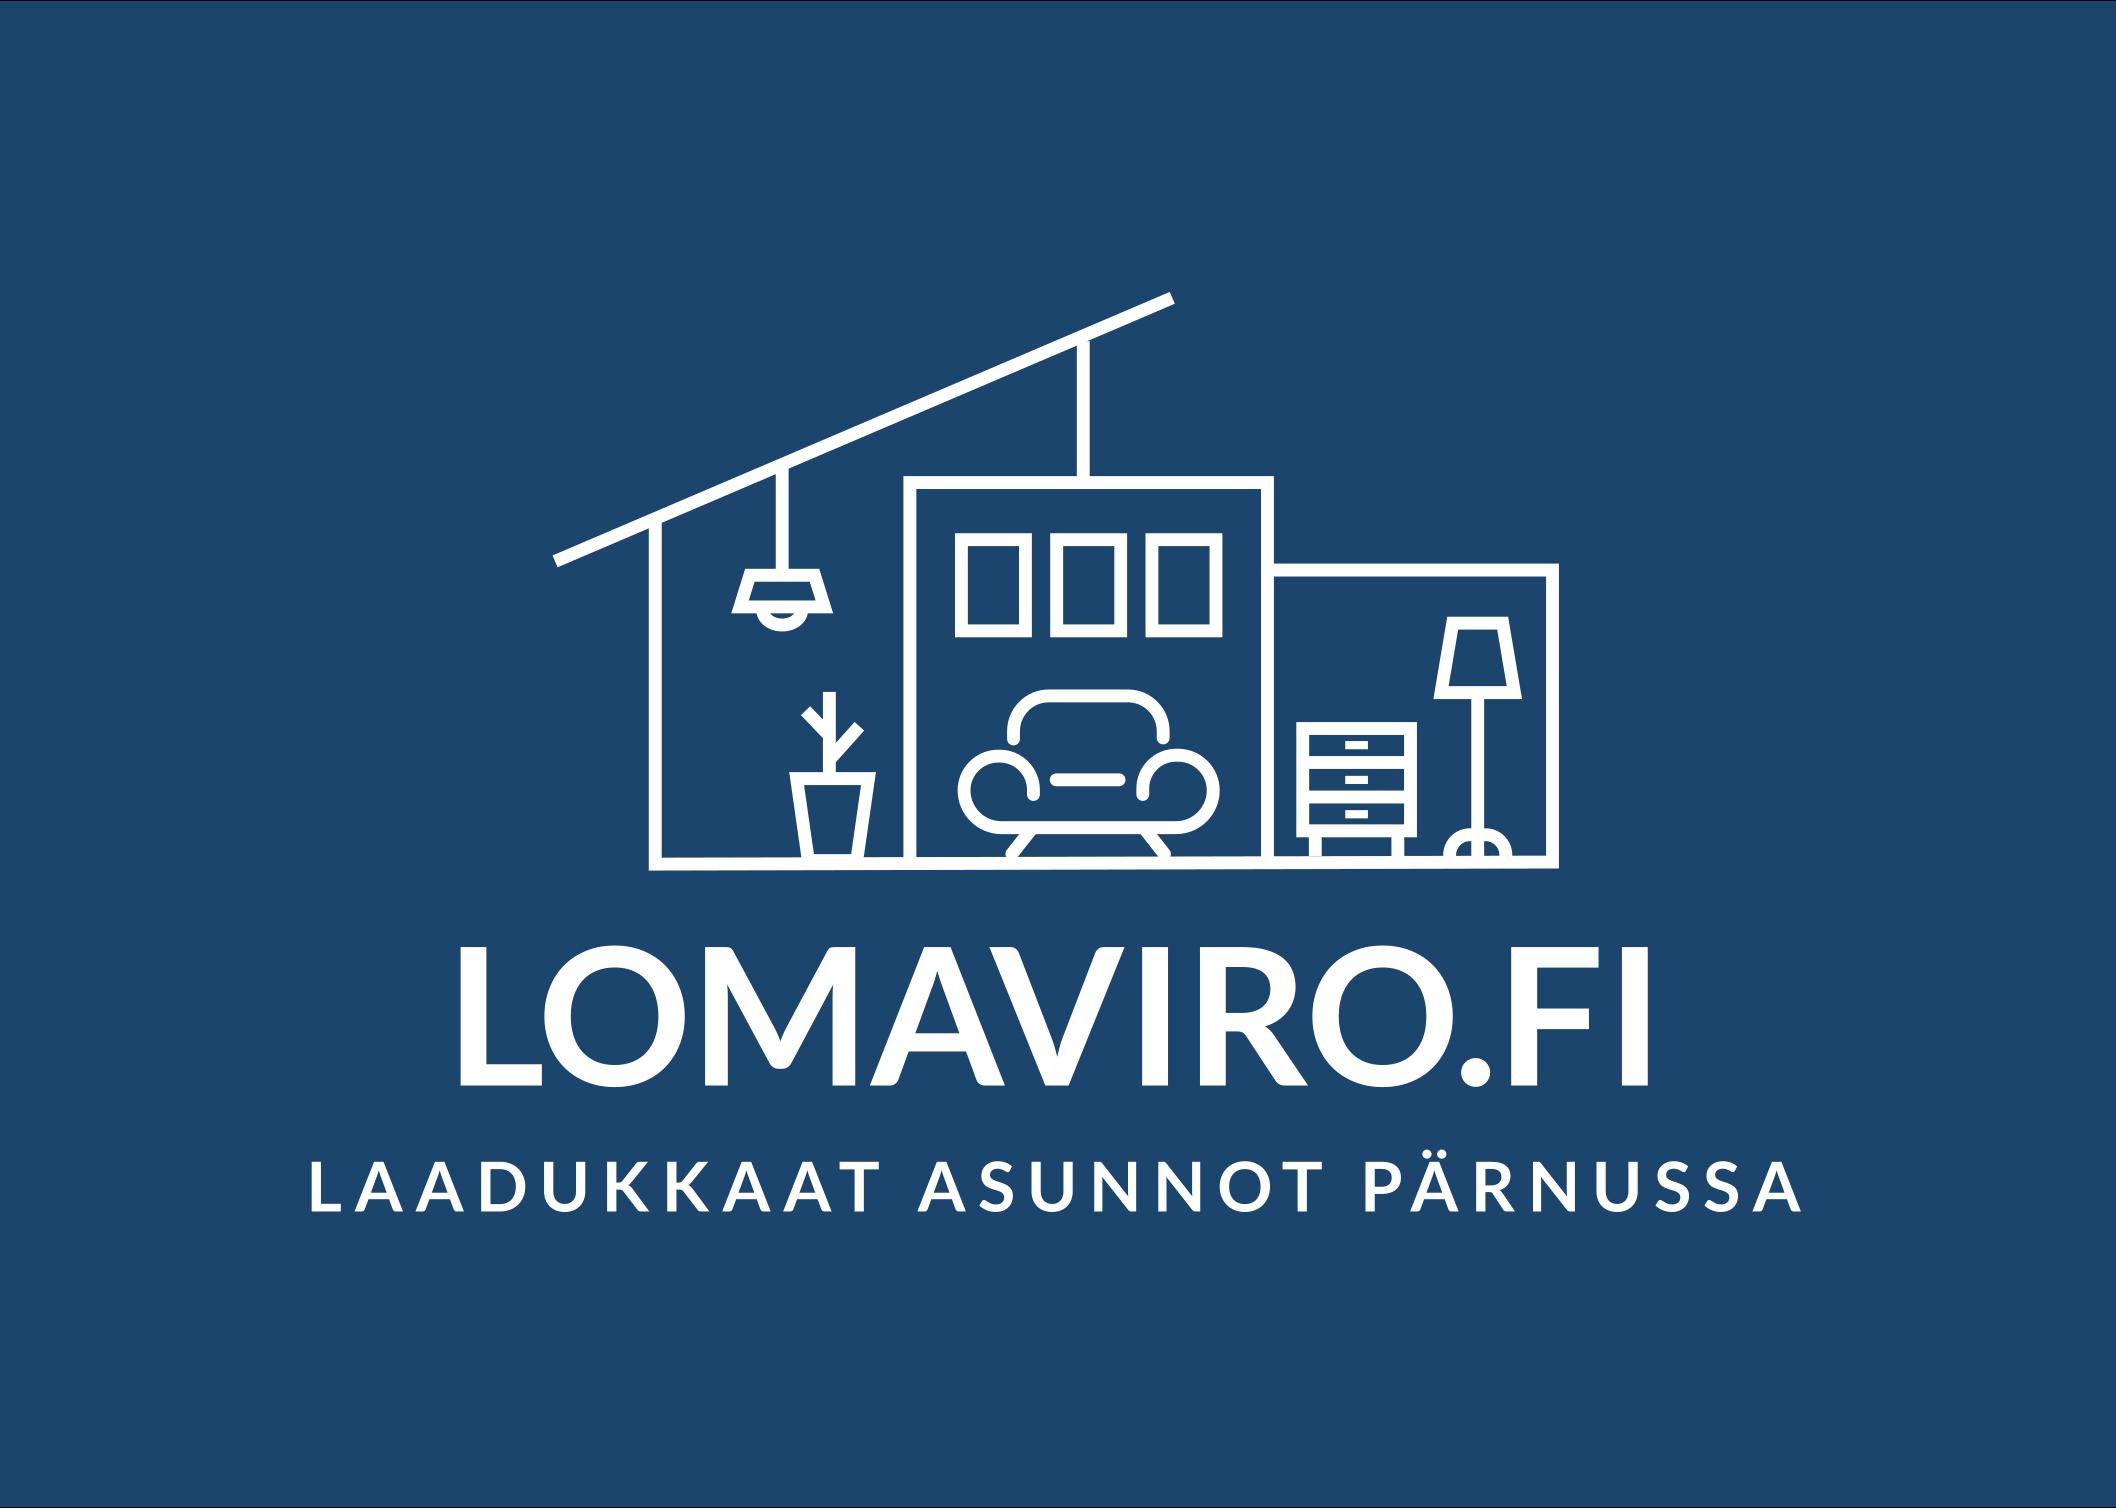 Lomaviro.fi